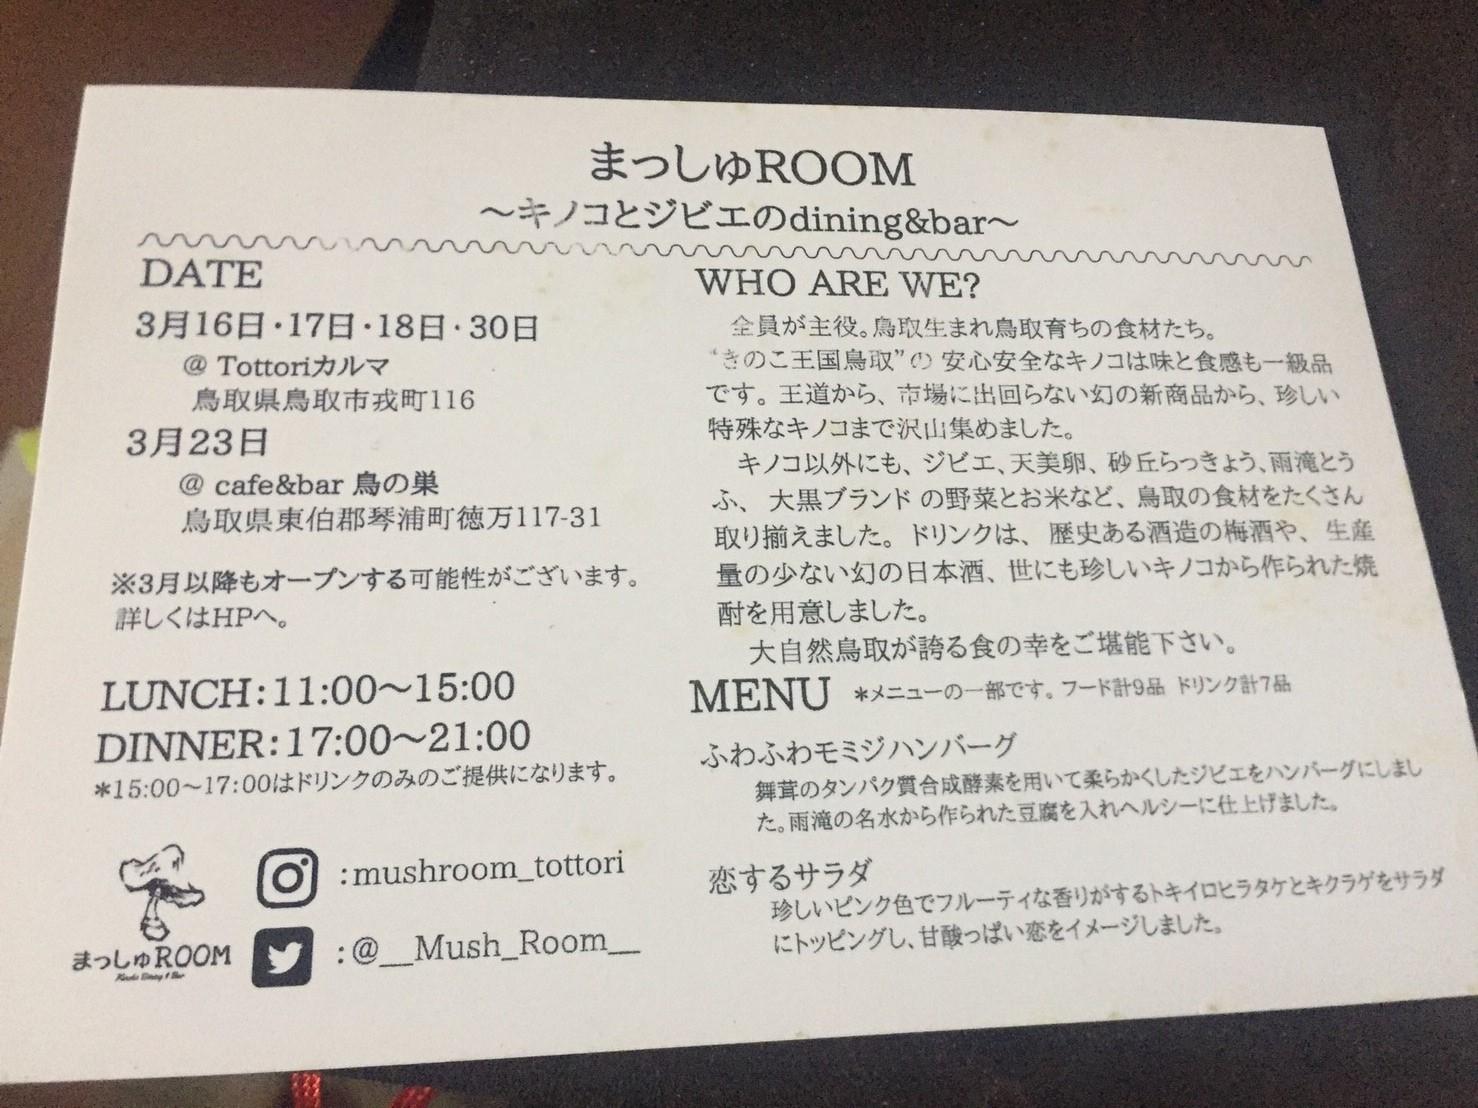 Tottoriカルマ   まっしゅROOM_e0115904_17212631.jpg